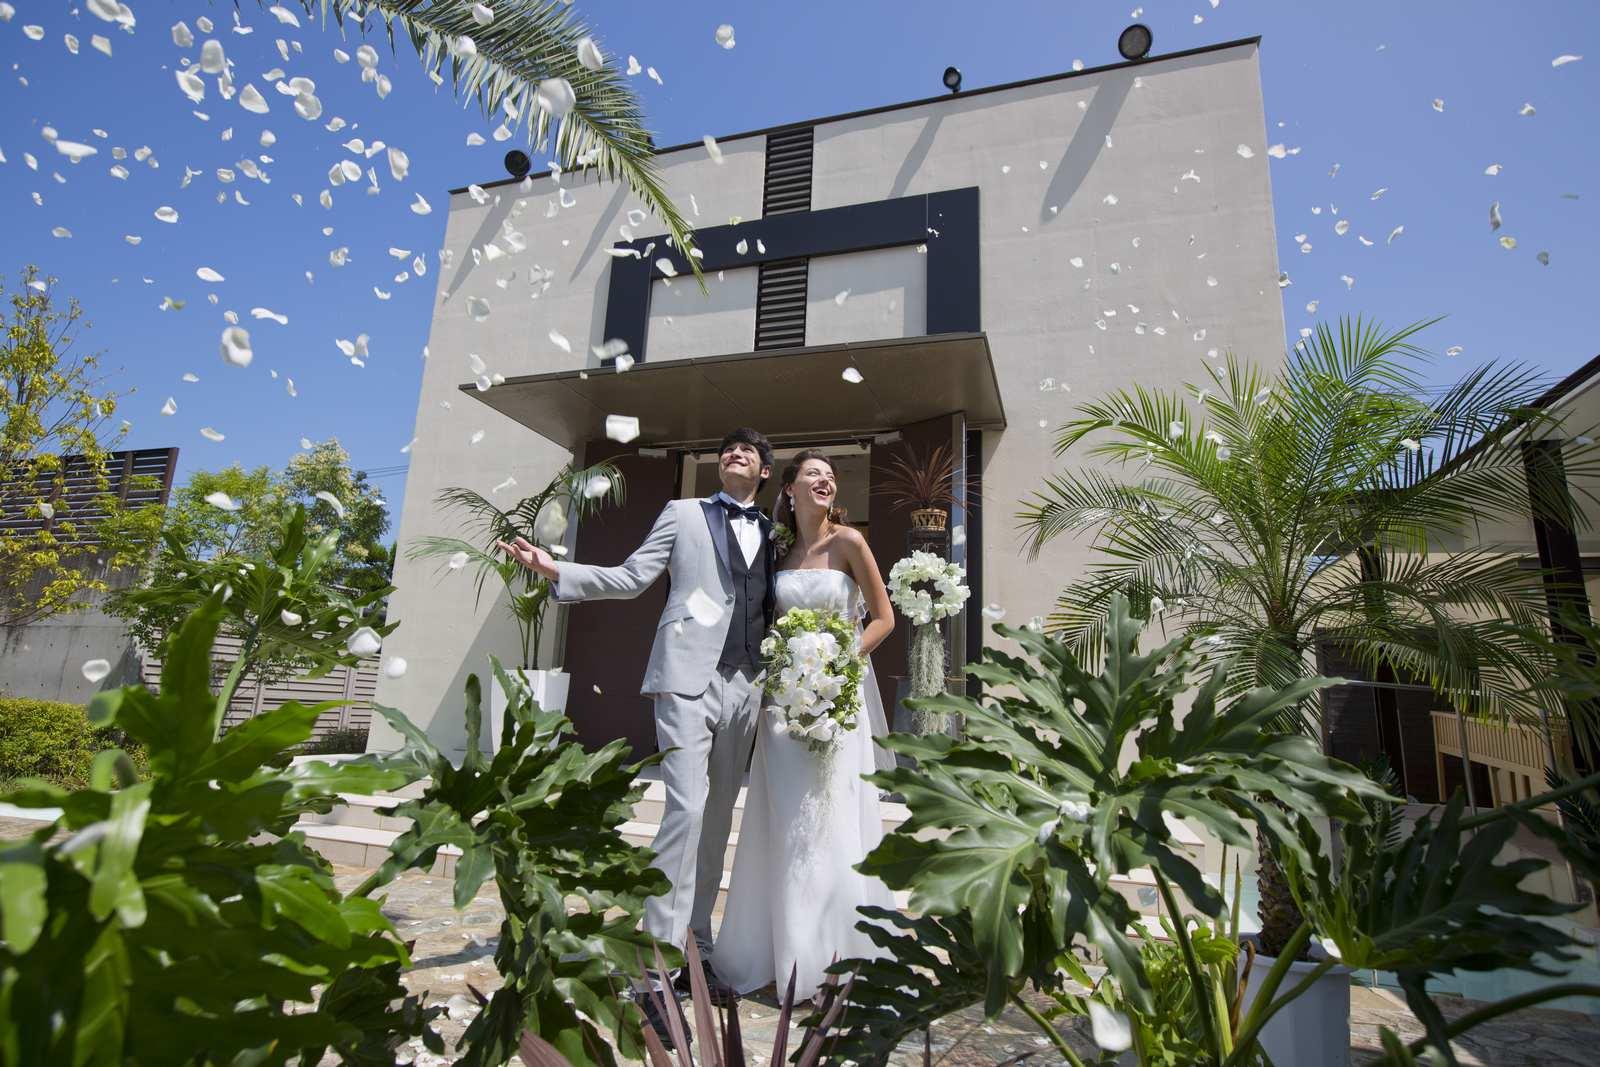 高松市の結婚式場アイルバレクラブの挙式イメージ